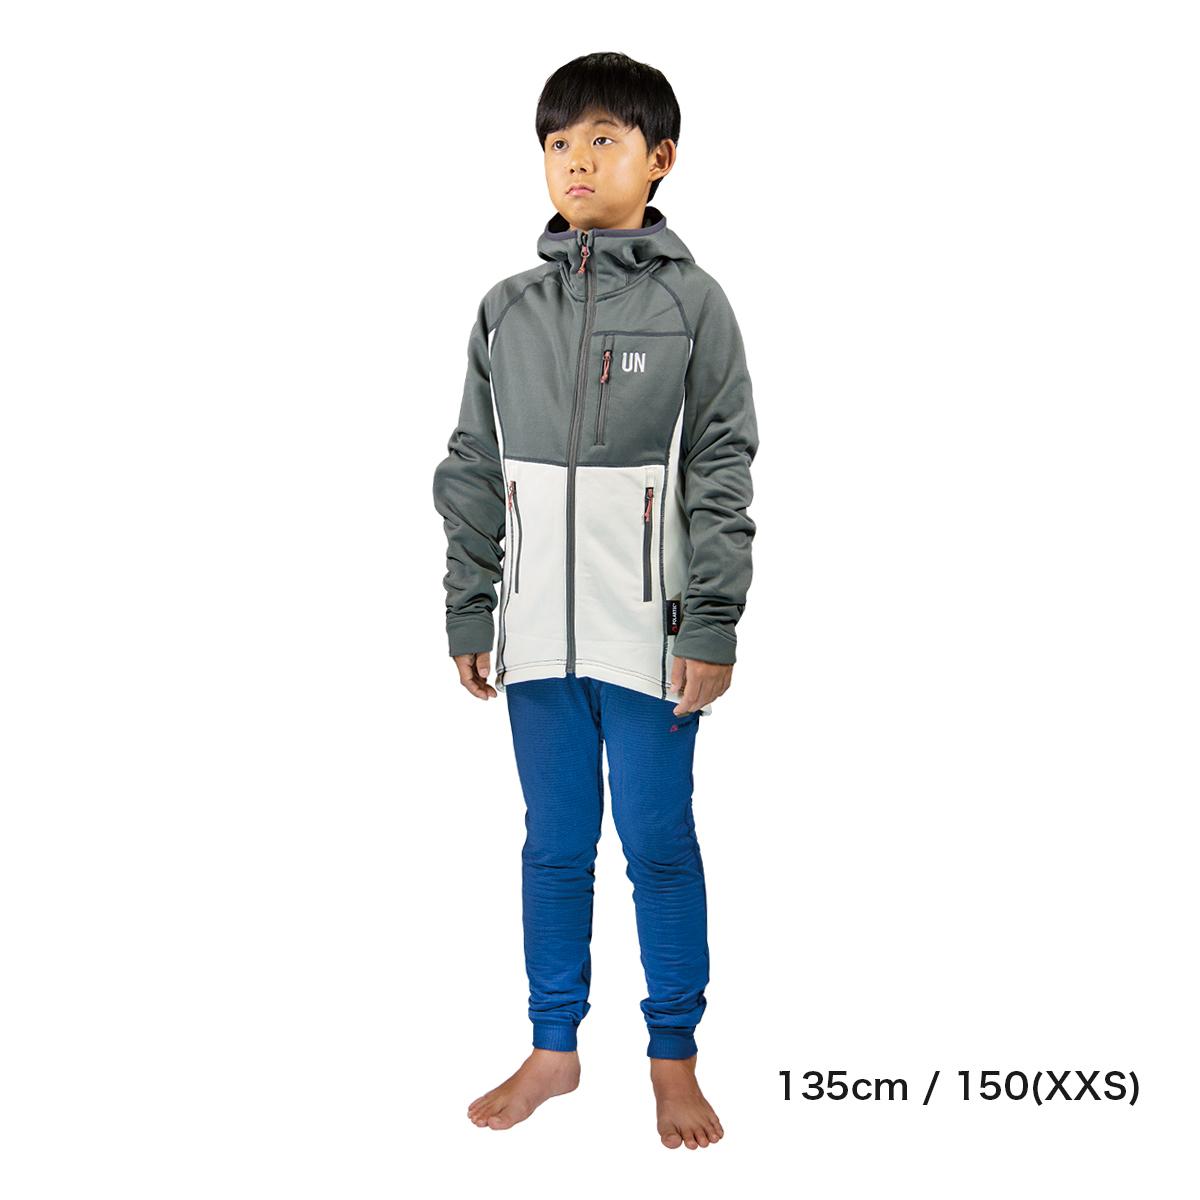 Kids 130 / UN3100 Mid weight fleece hoody / Charcoal : Cream